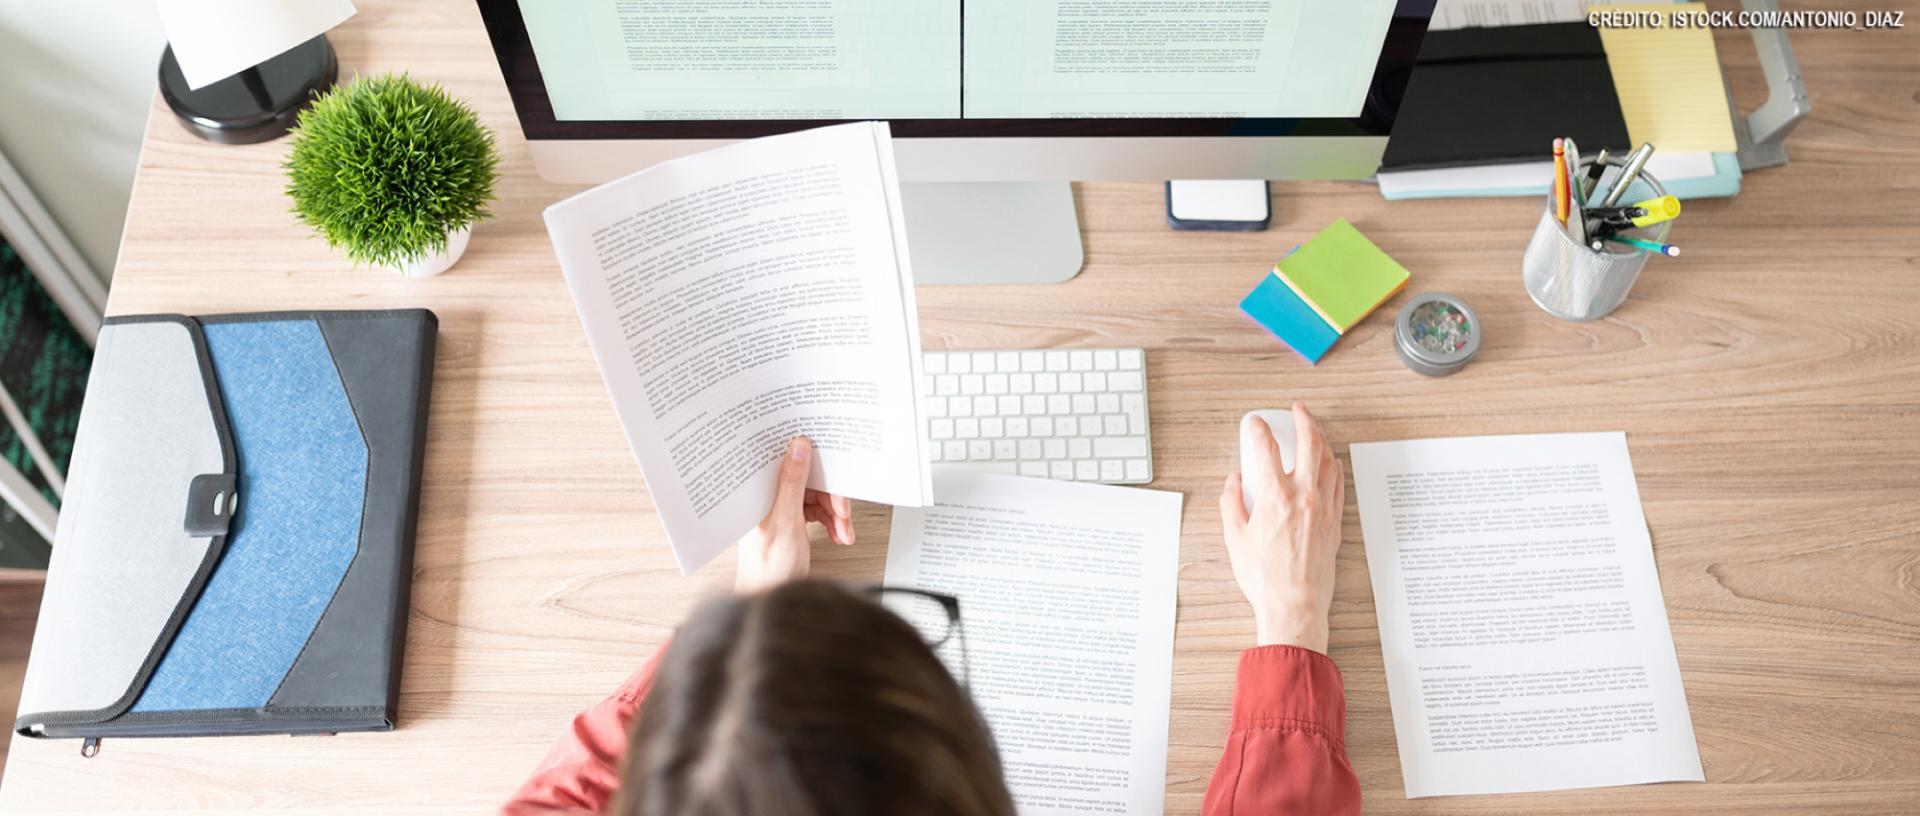 Programa ofertará 590 vagas para mestrado em Letras